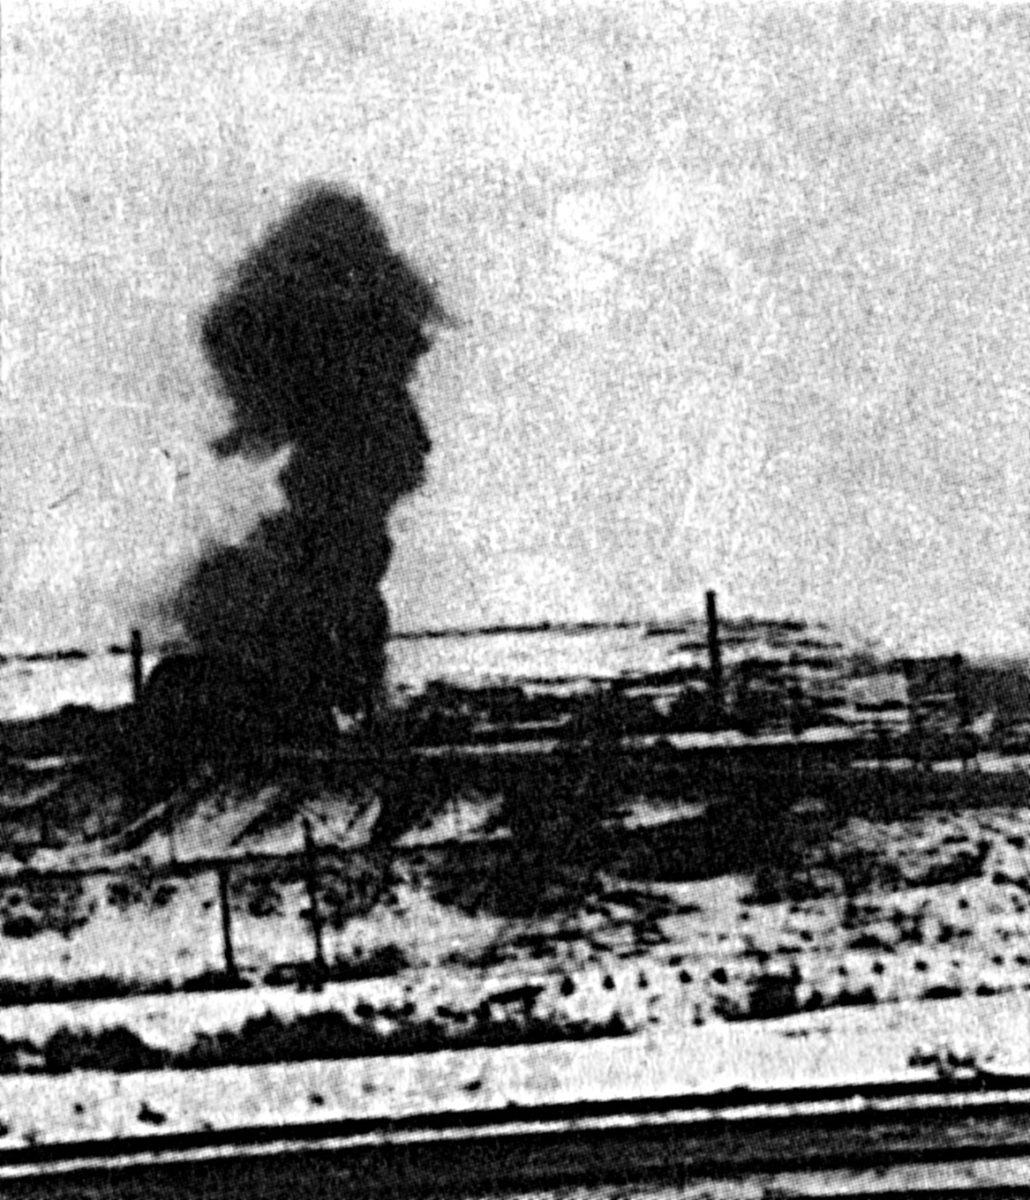 28 ноября 1941, первая половина дня. Из-за бомбардировки советскими самолётами загорелась текстильная фабрика. Фото со стороны Яхромы. Из книги Мантойфеля.